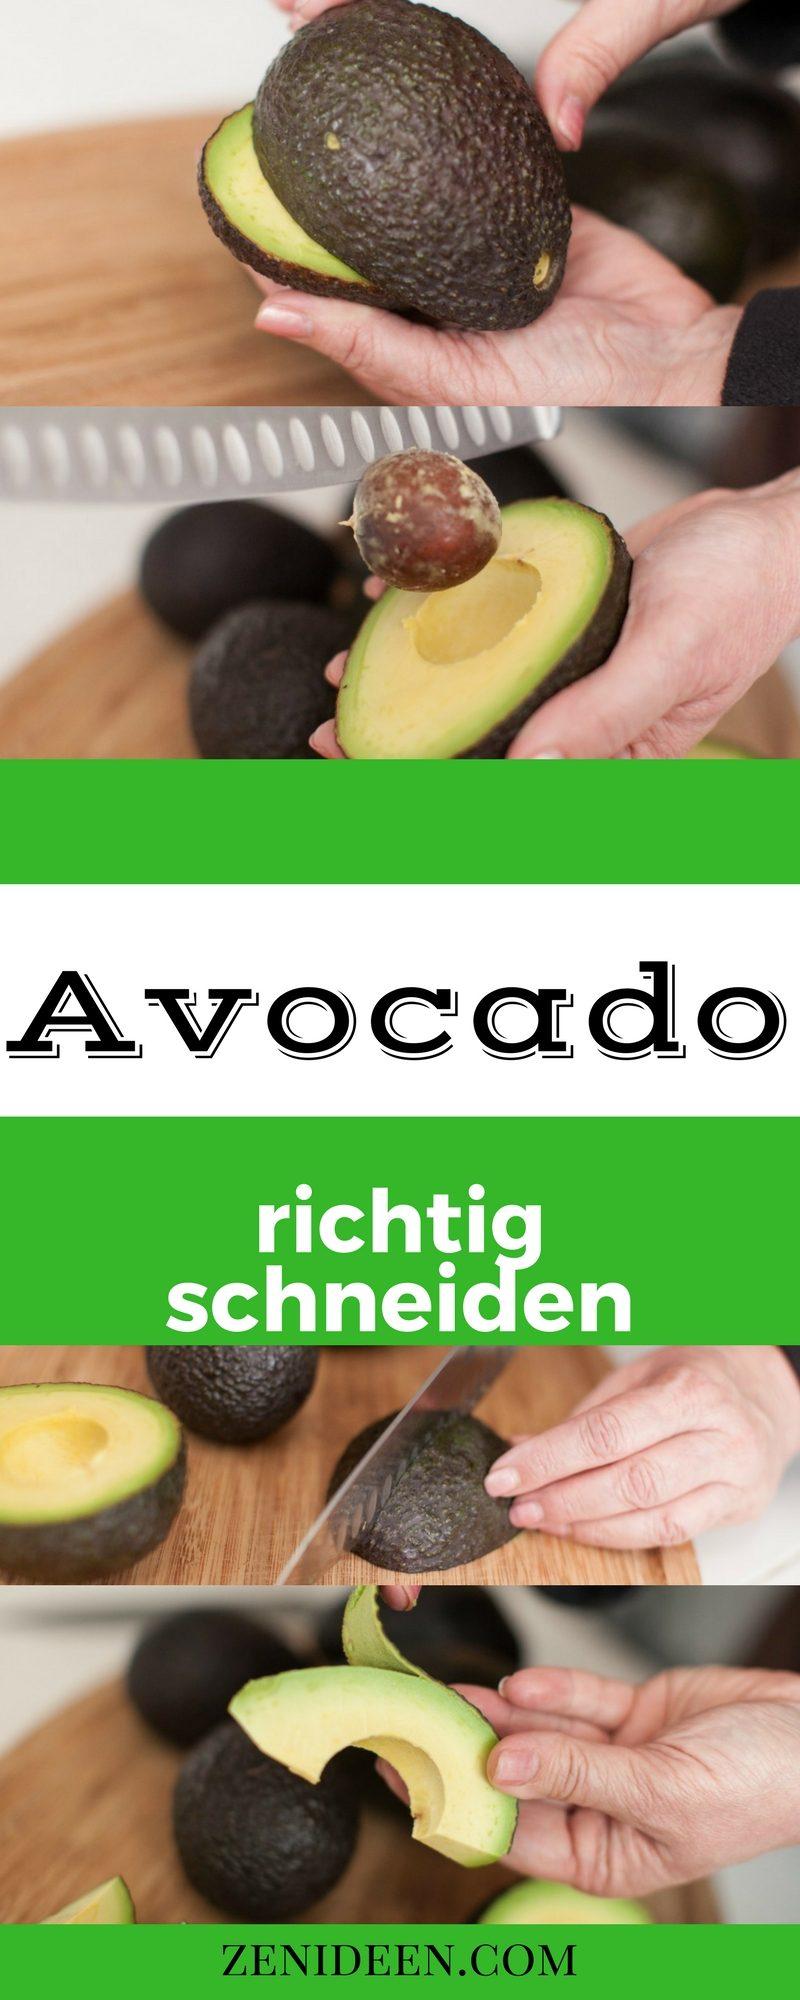 Avocado richtig schneiden und verteilen